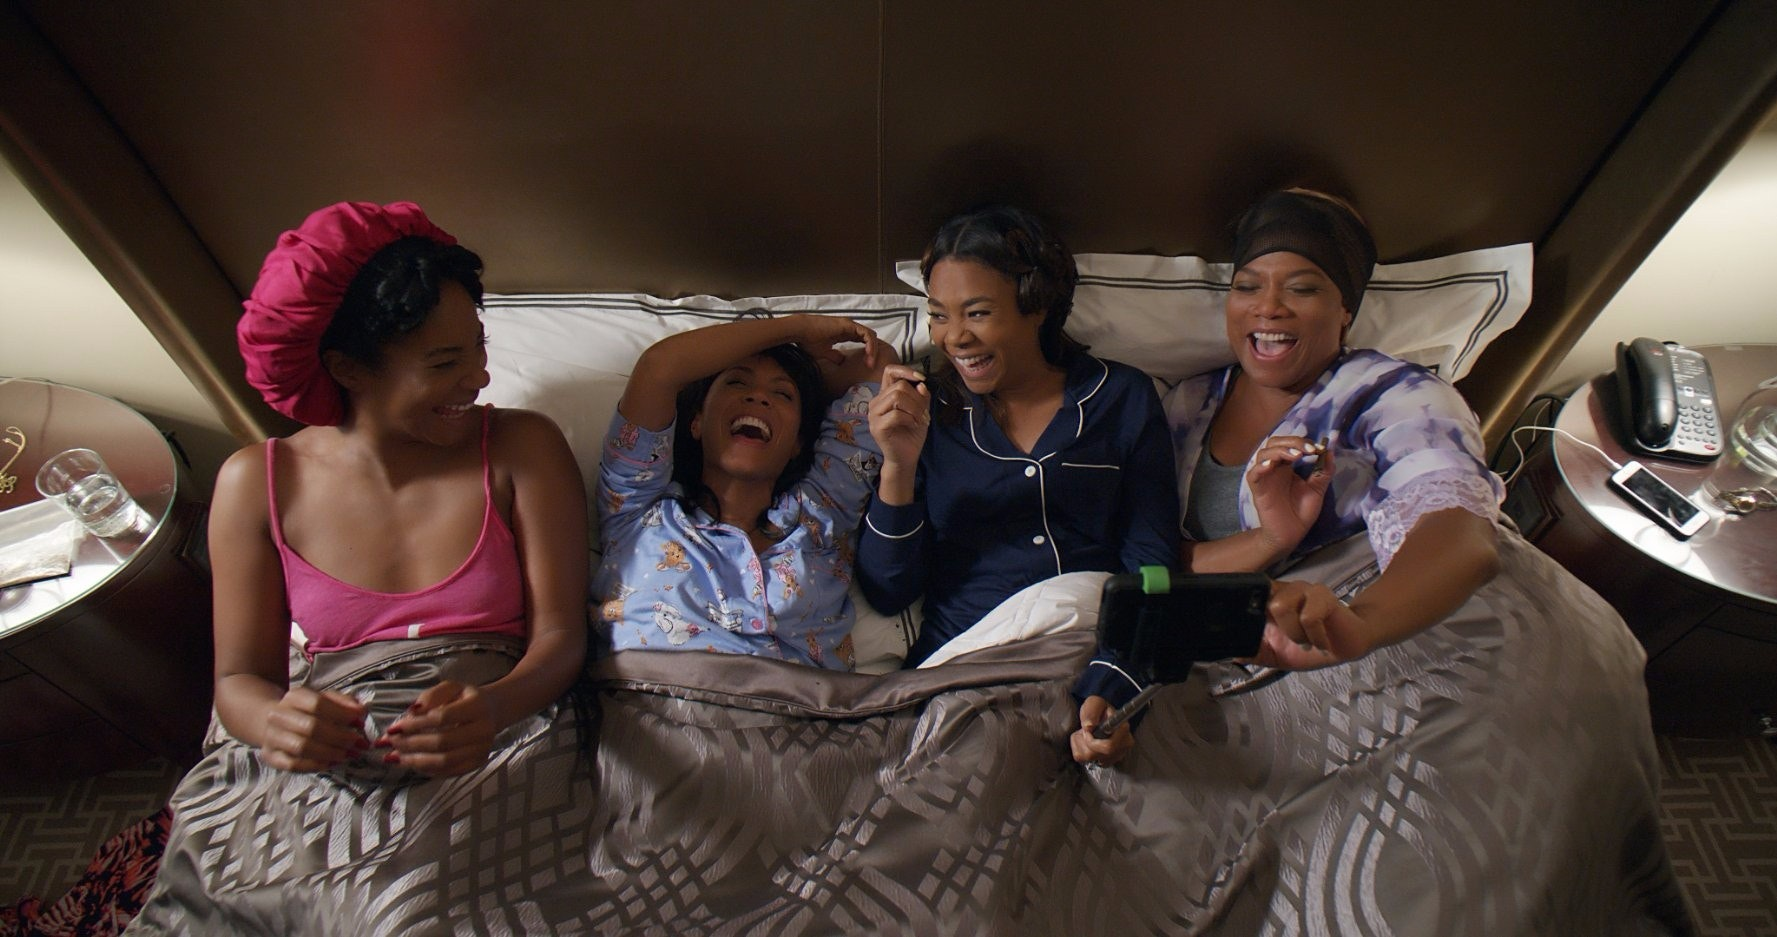 Le voyage des filles concerne un équipage de meilleurs amis de longue date.